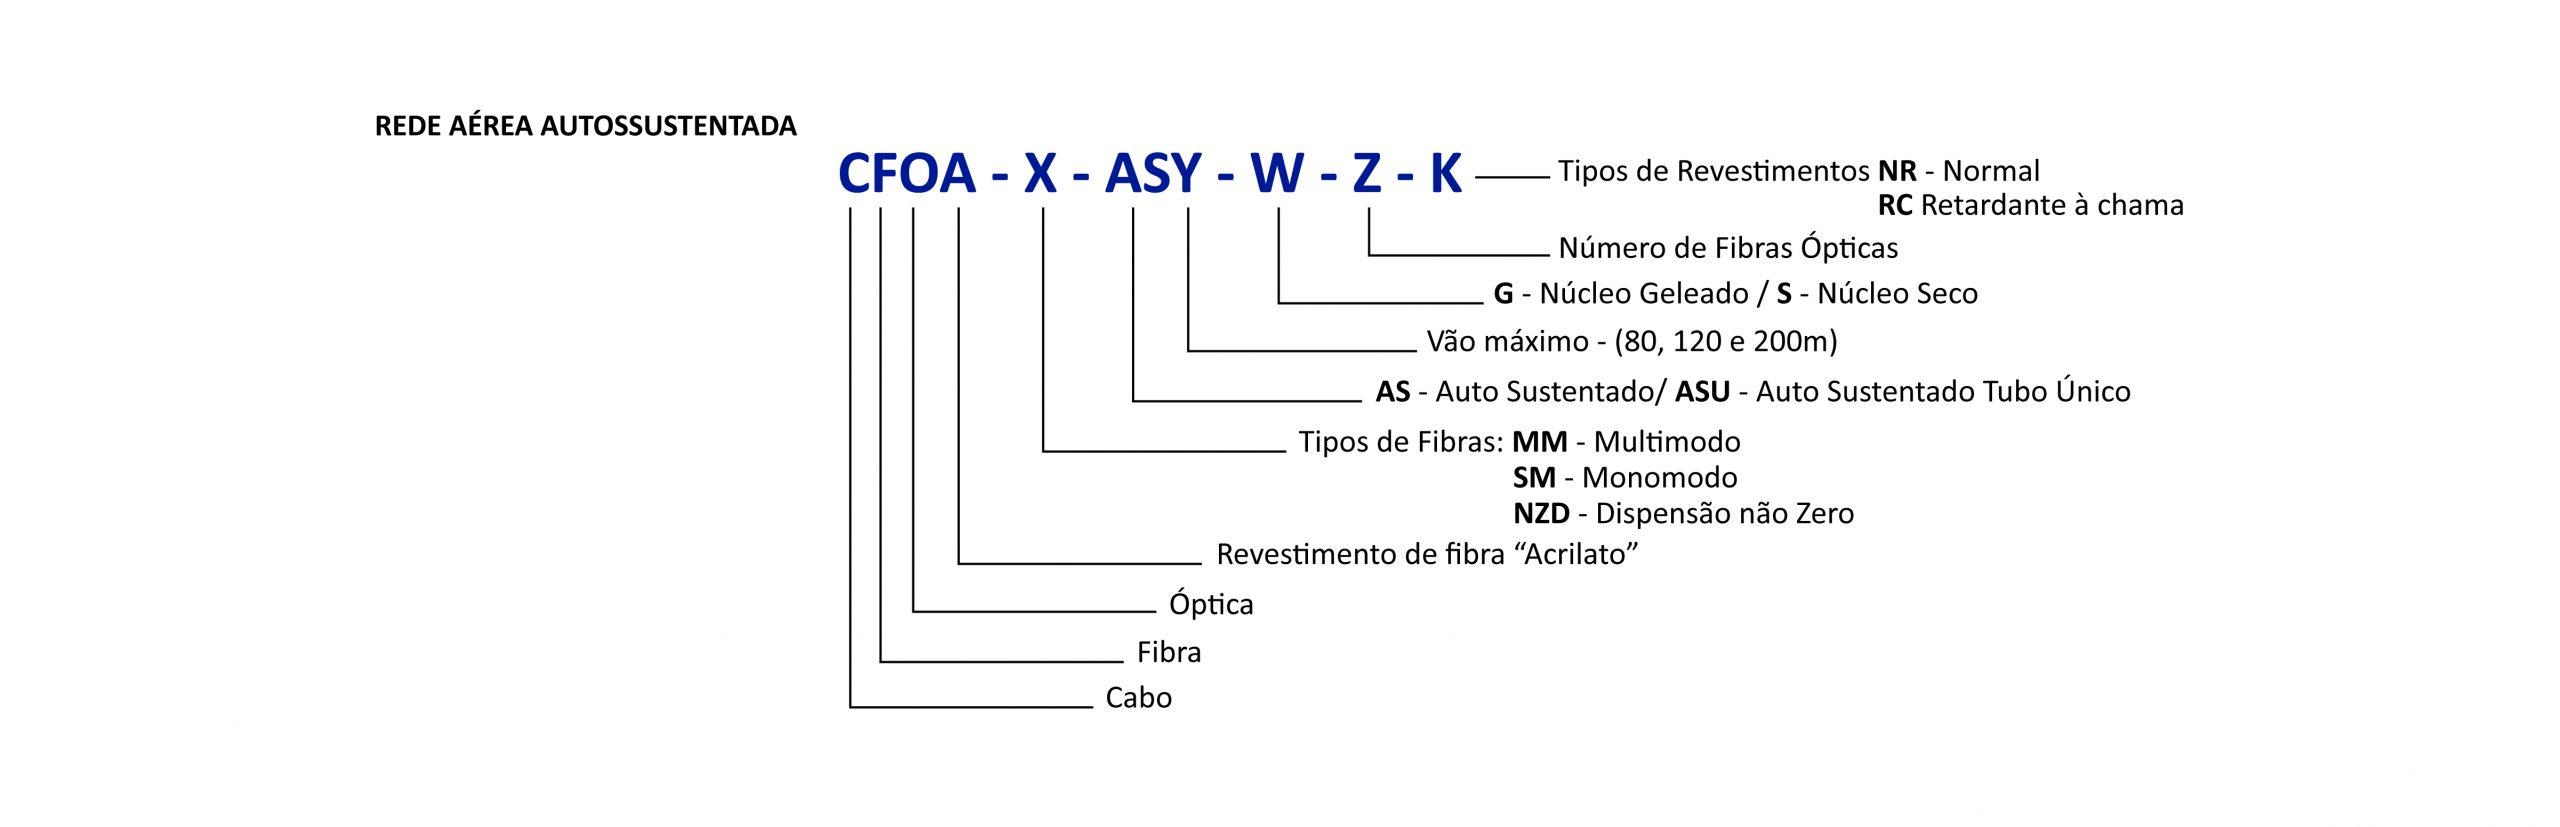 Nomenclaturas de cabos ópticos para rede externa aérea